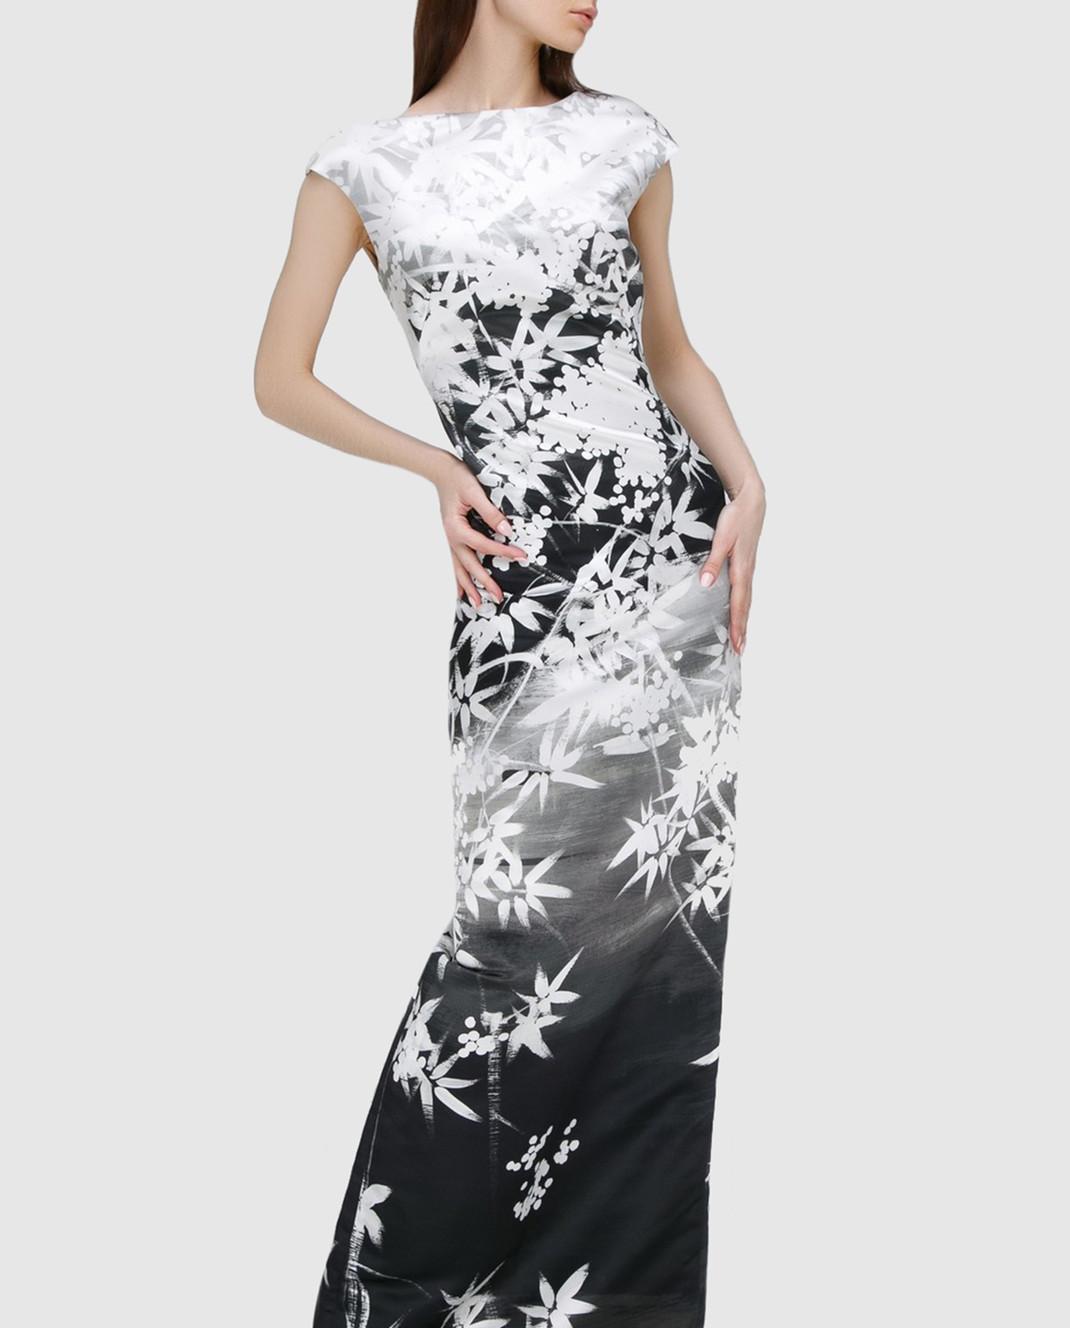 Alexander Terekhov Серое платье из шелка изображение 2